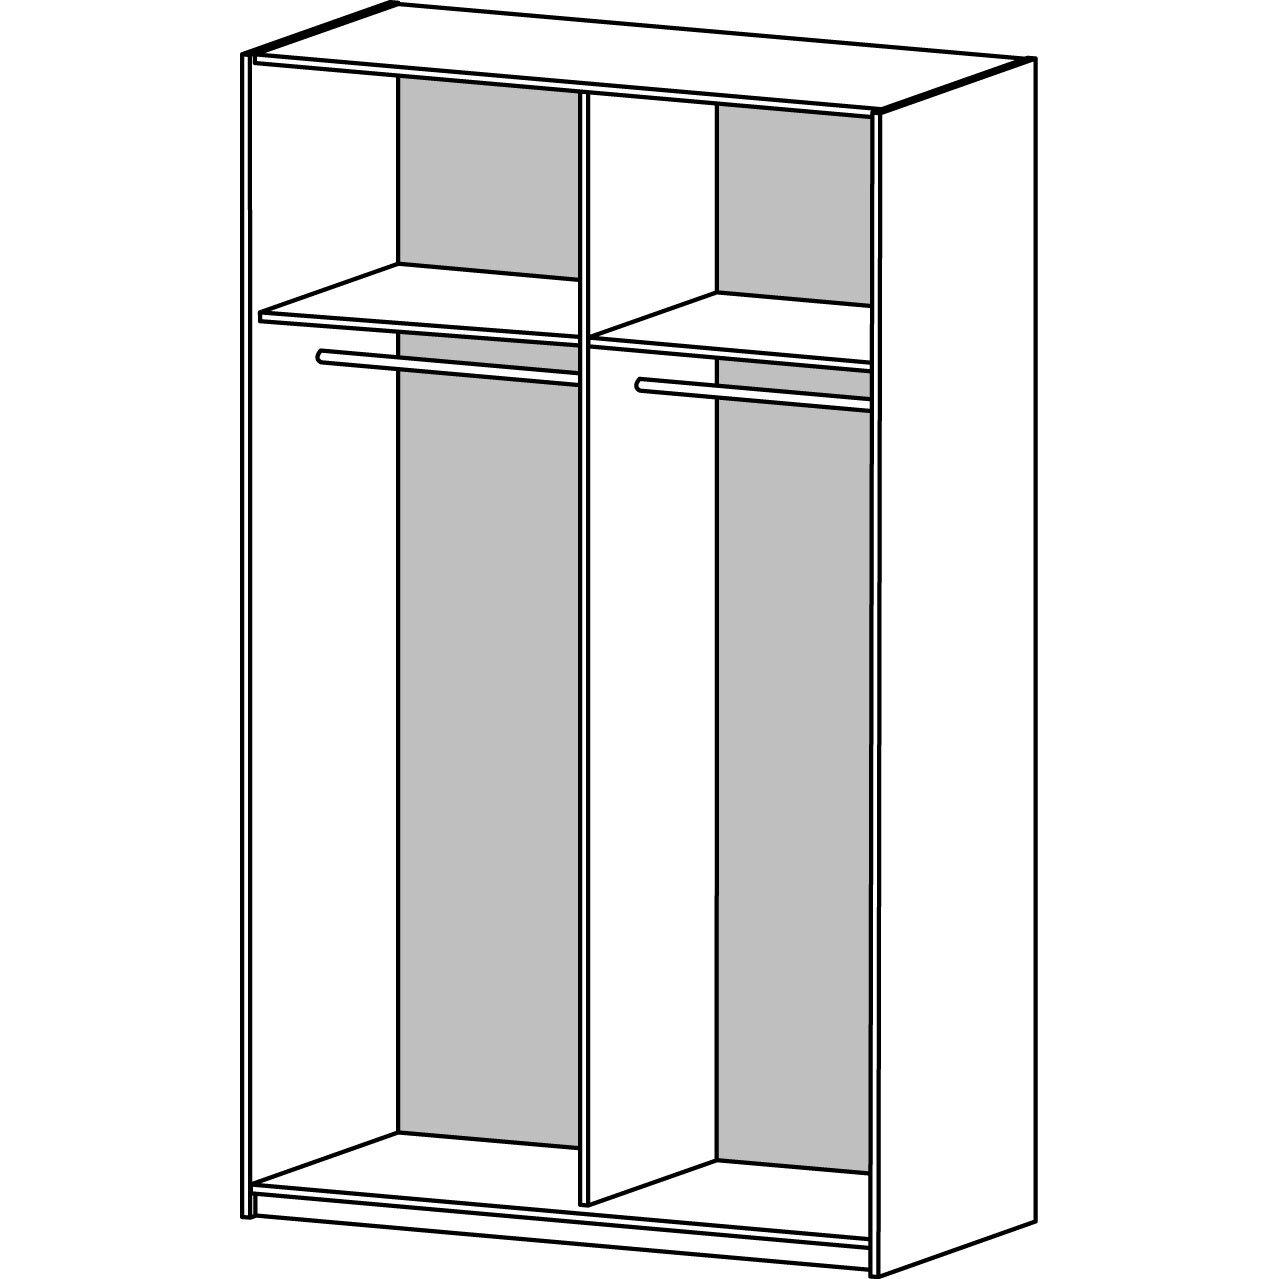 tvilum aufbewahrungsschrank verona. Black Bedroom Furniture Sets. Home Design Ideas